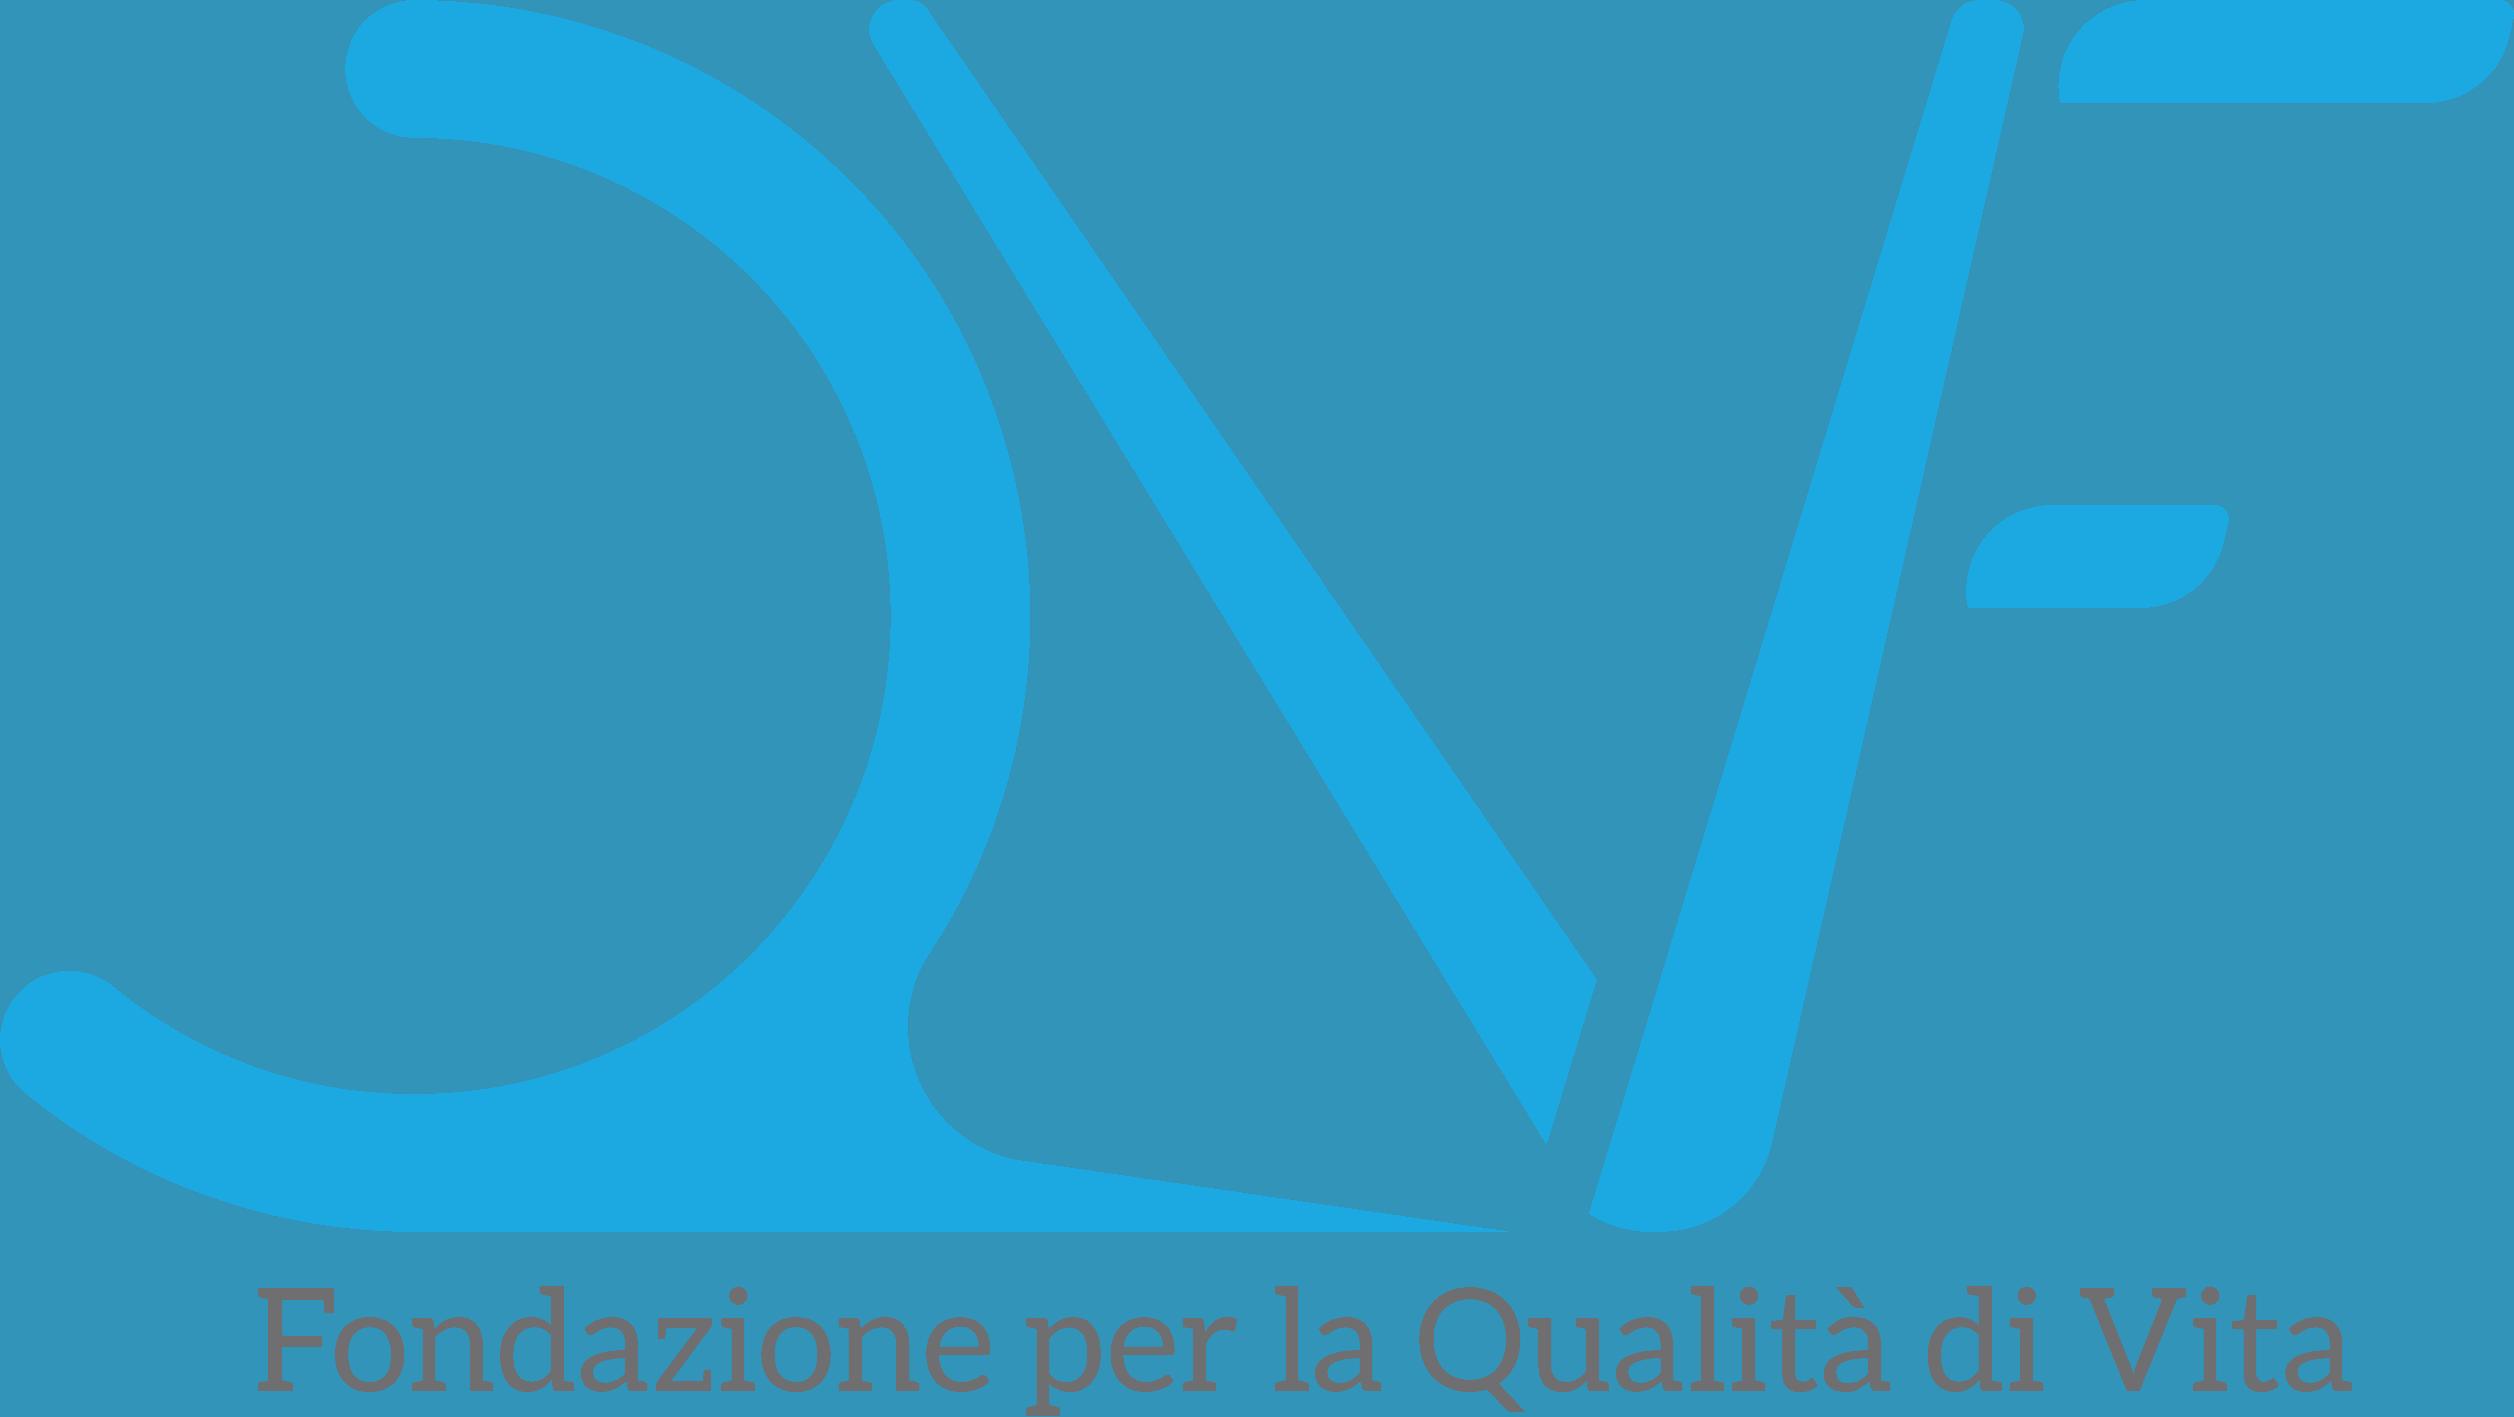 Fondazione per la qualità di Vita